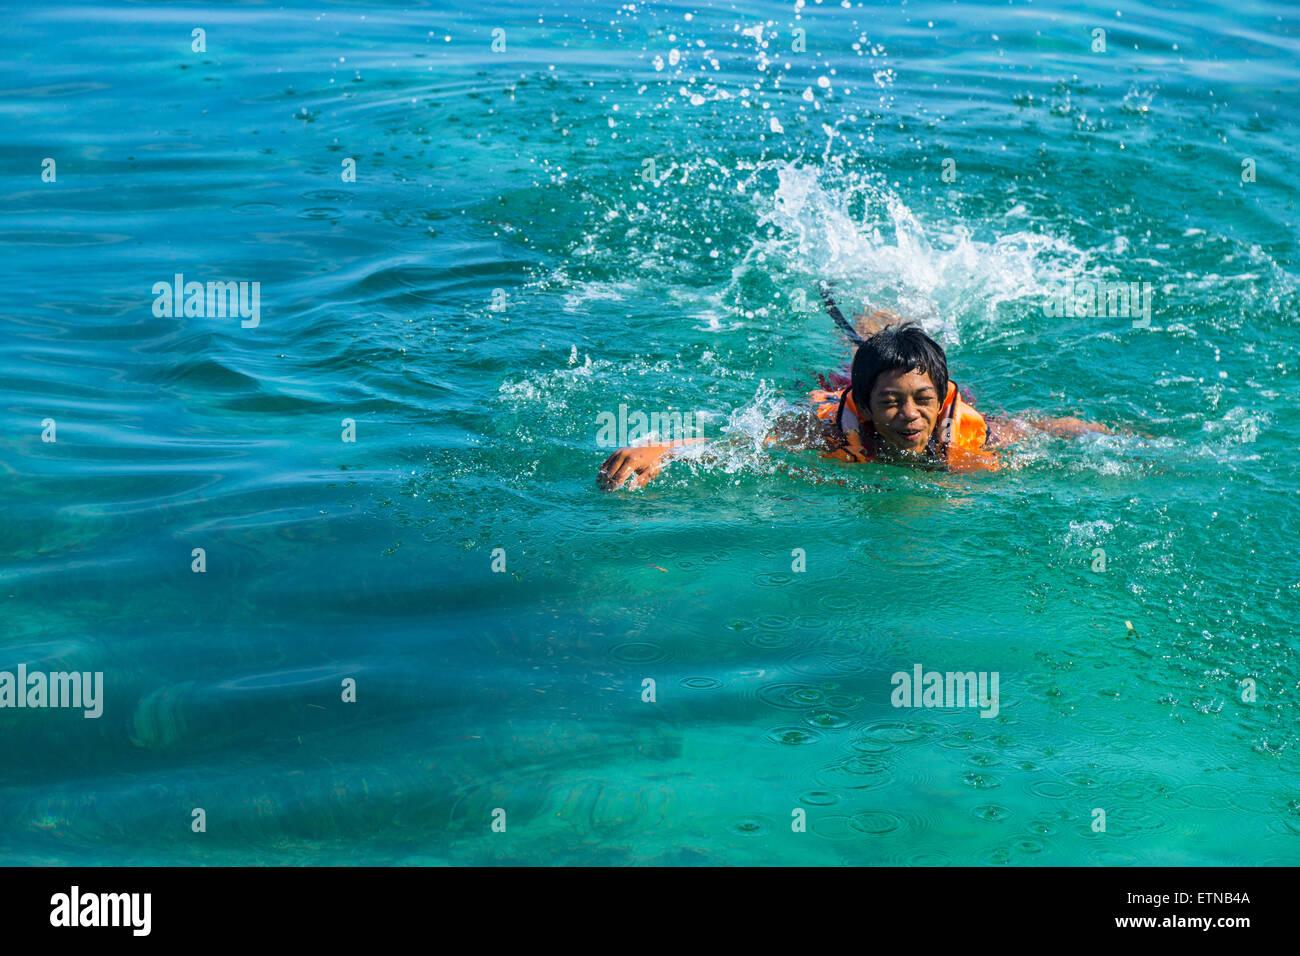 Adolescente vistiendo un chaleco salvavidas, nadando en el mar, la isla de Salakan Semporna, Sabah, Malasia Imagen De Stock